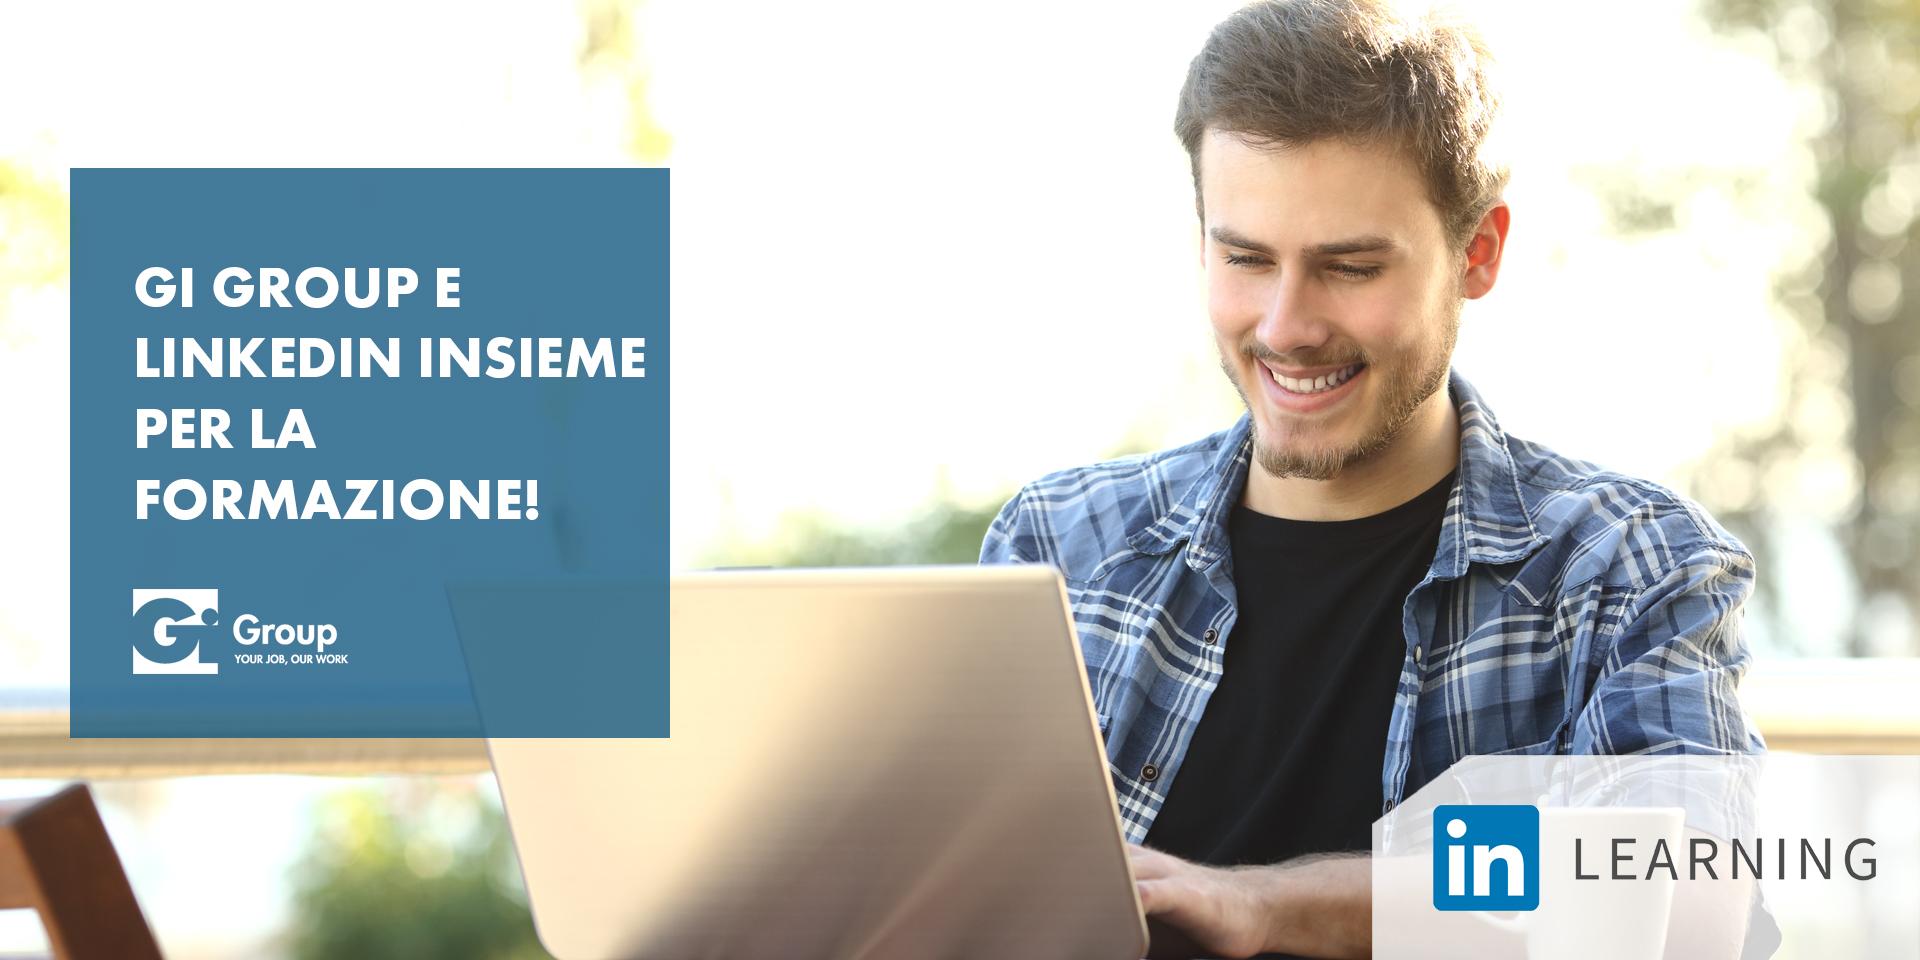 Improve your career: Gi Group e LinkedIn insieme per la formazione!